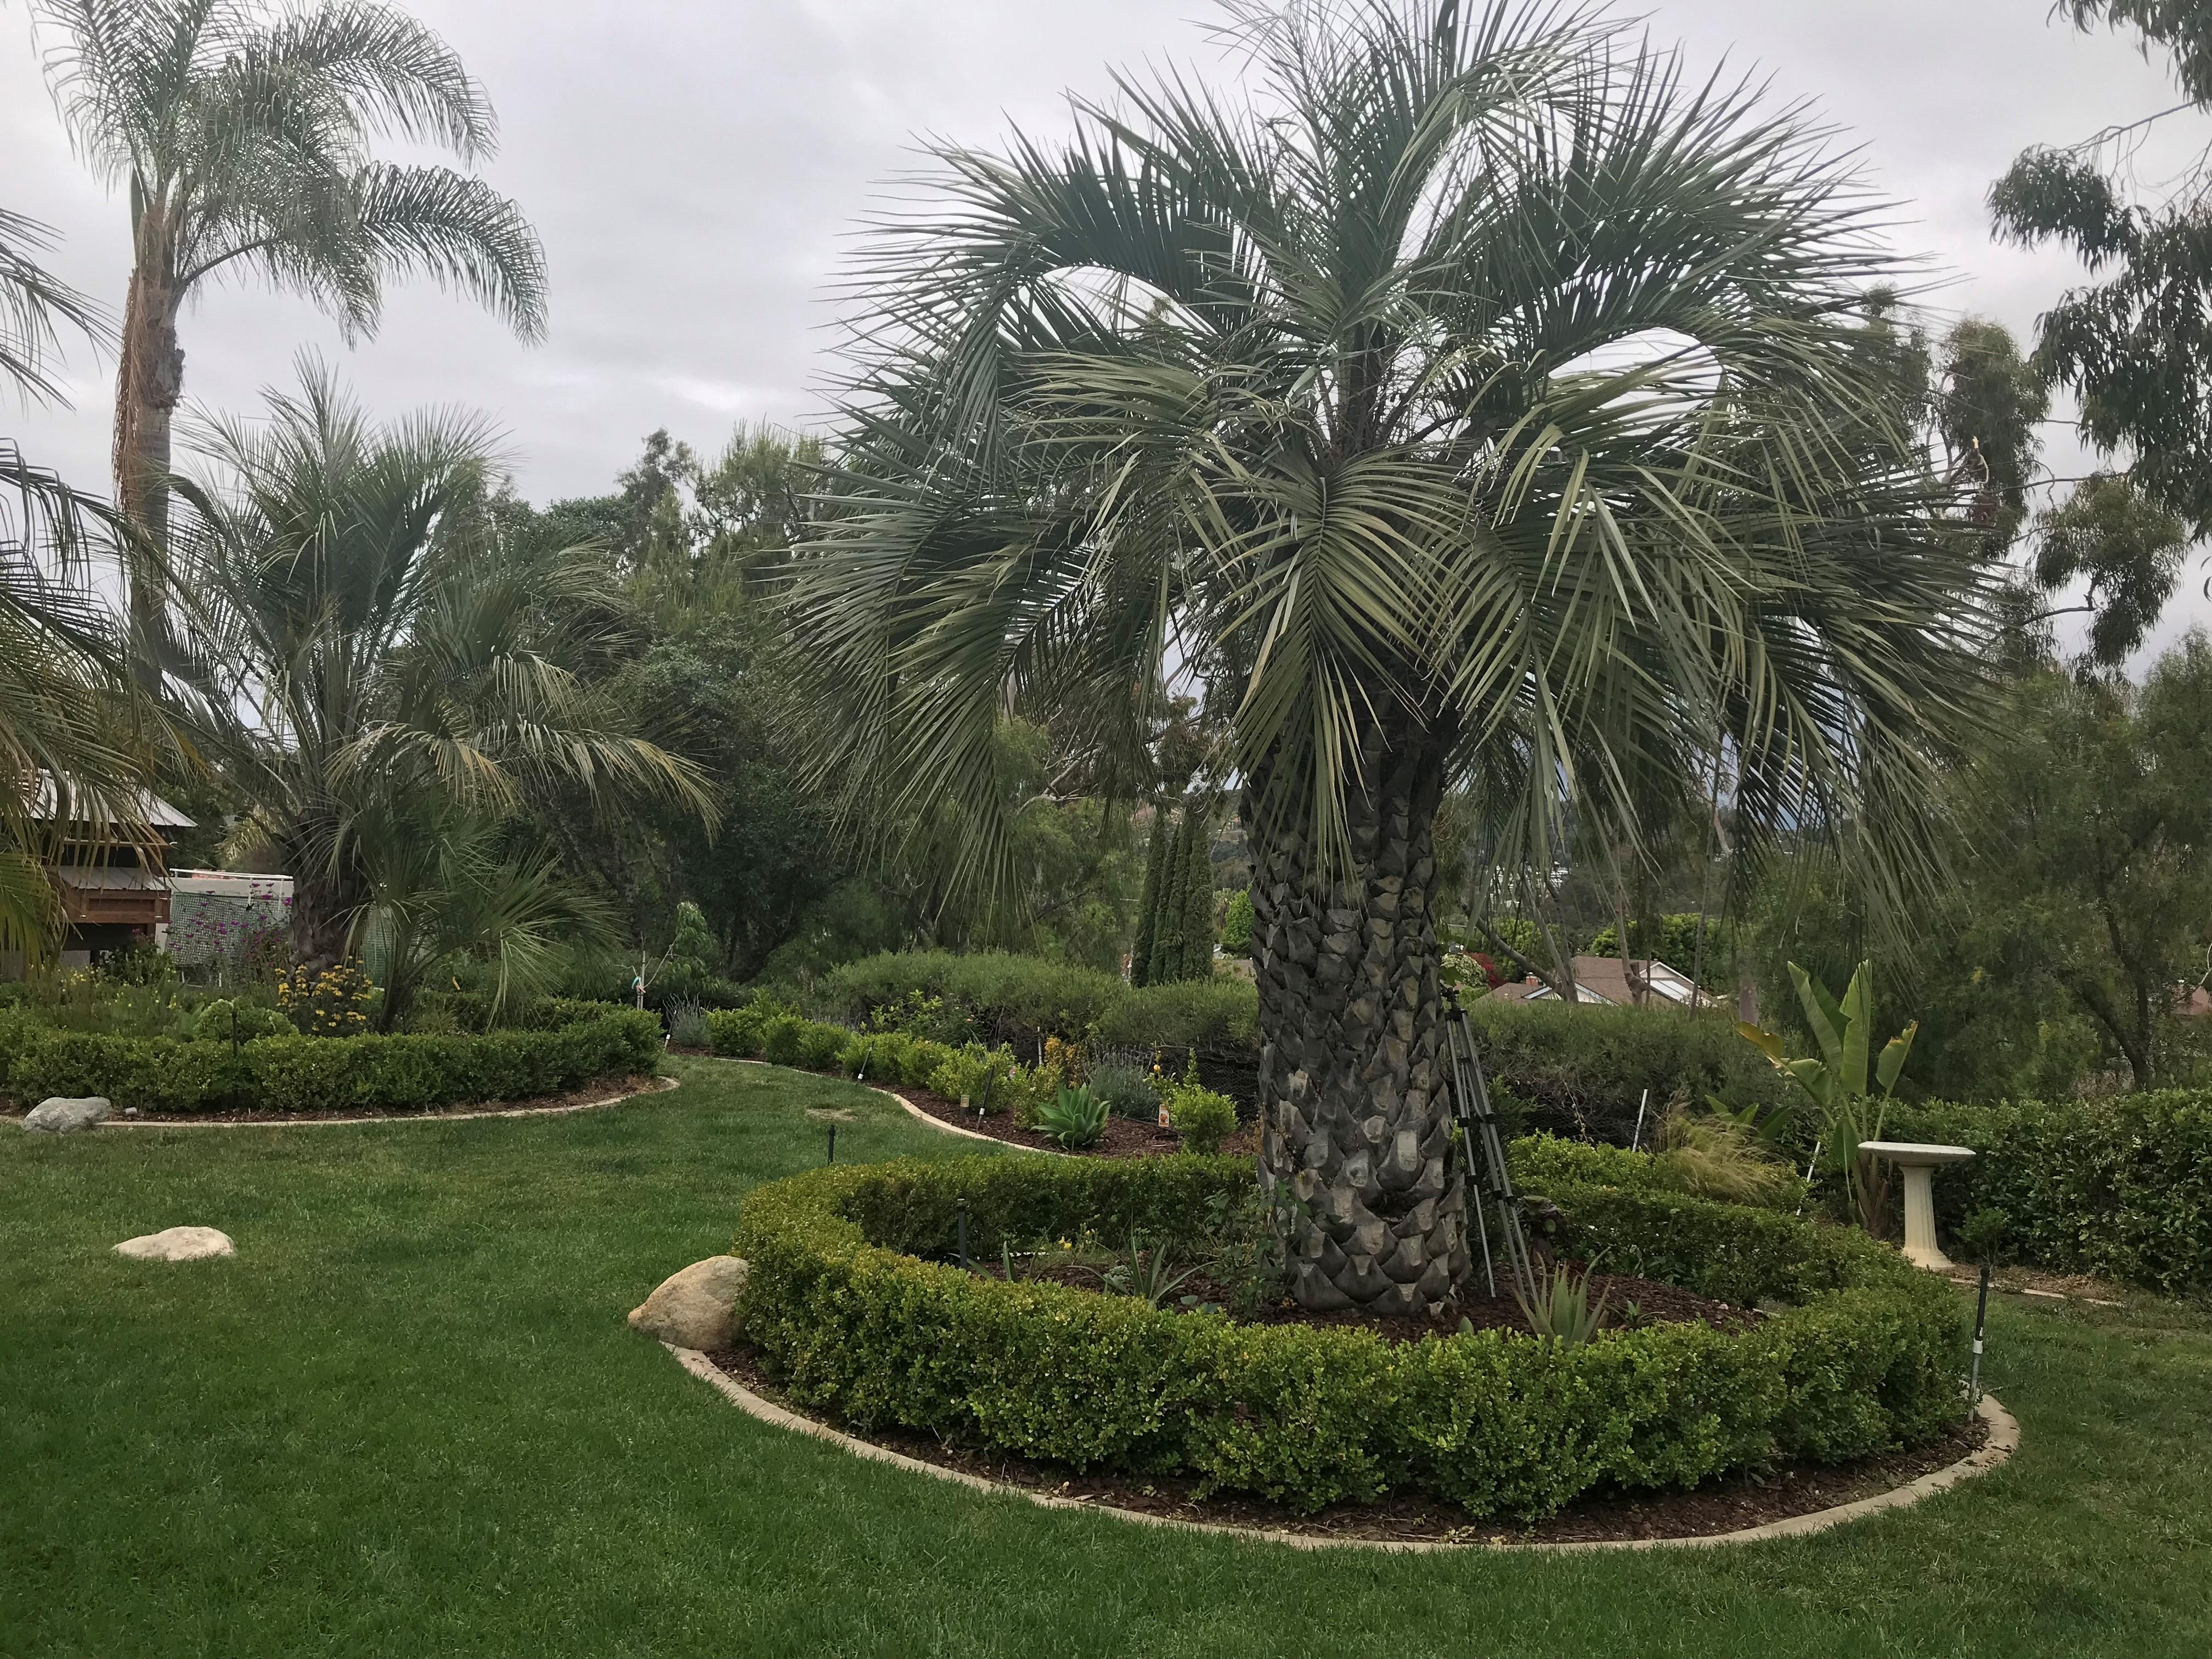 A garden in San Juan Capistrano.  Photo by Freda D'Souza